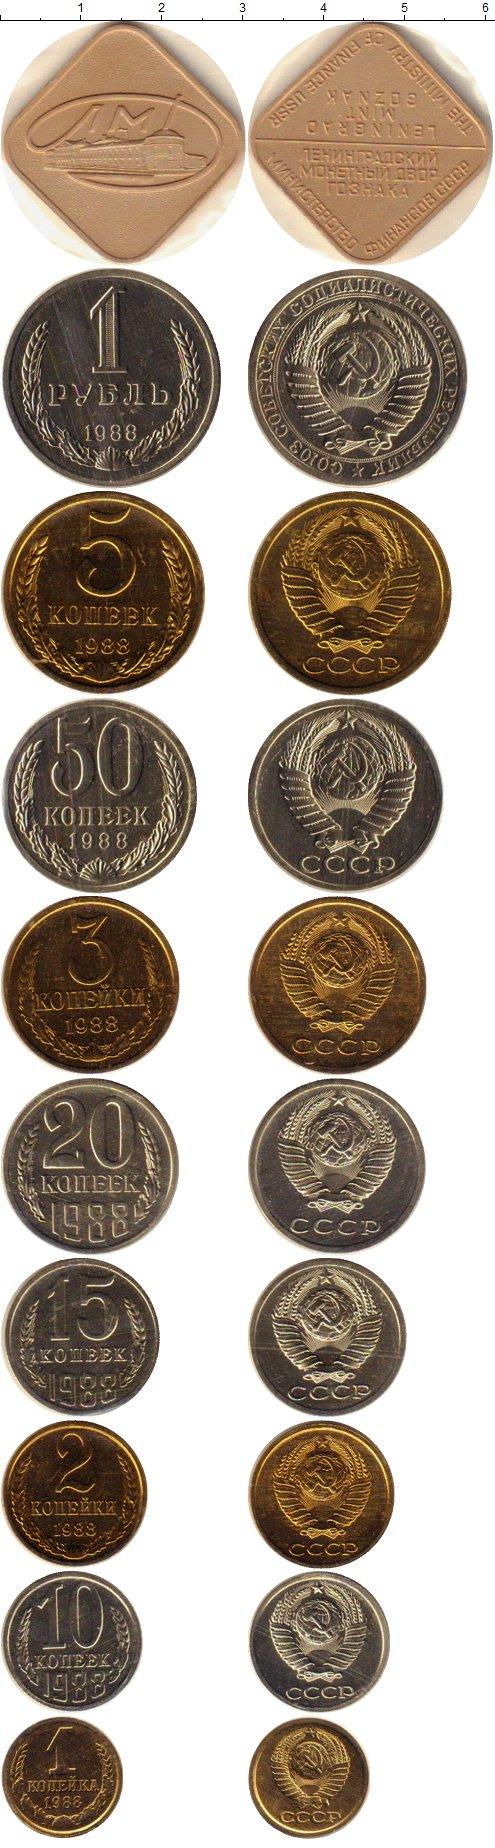 Набор монет СССР Набор 1988 года 1988 UNC фото 2